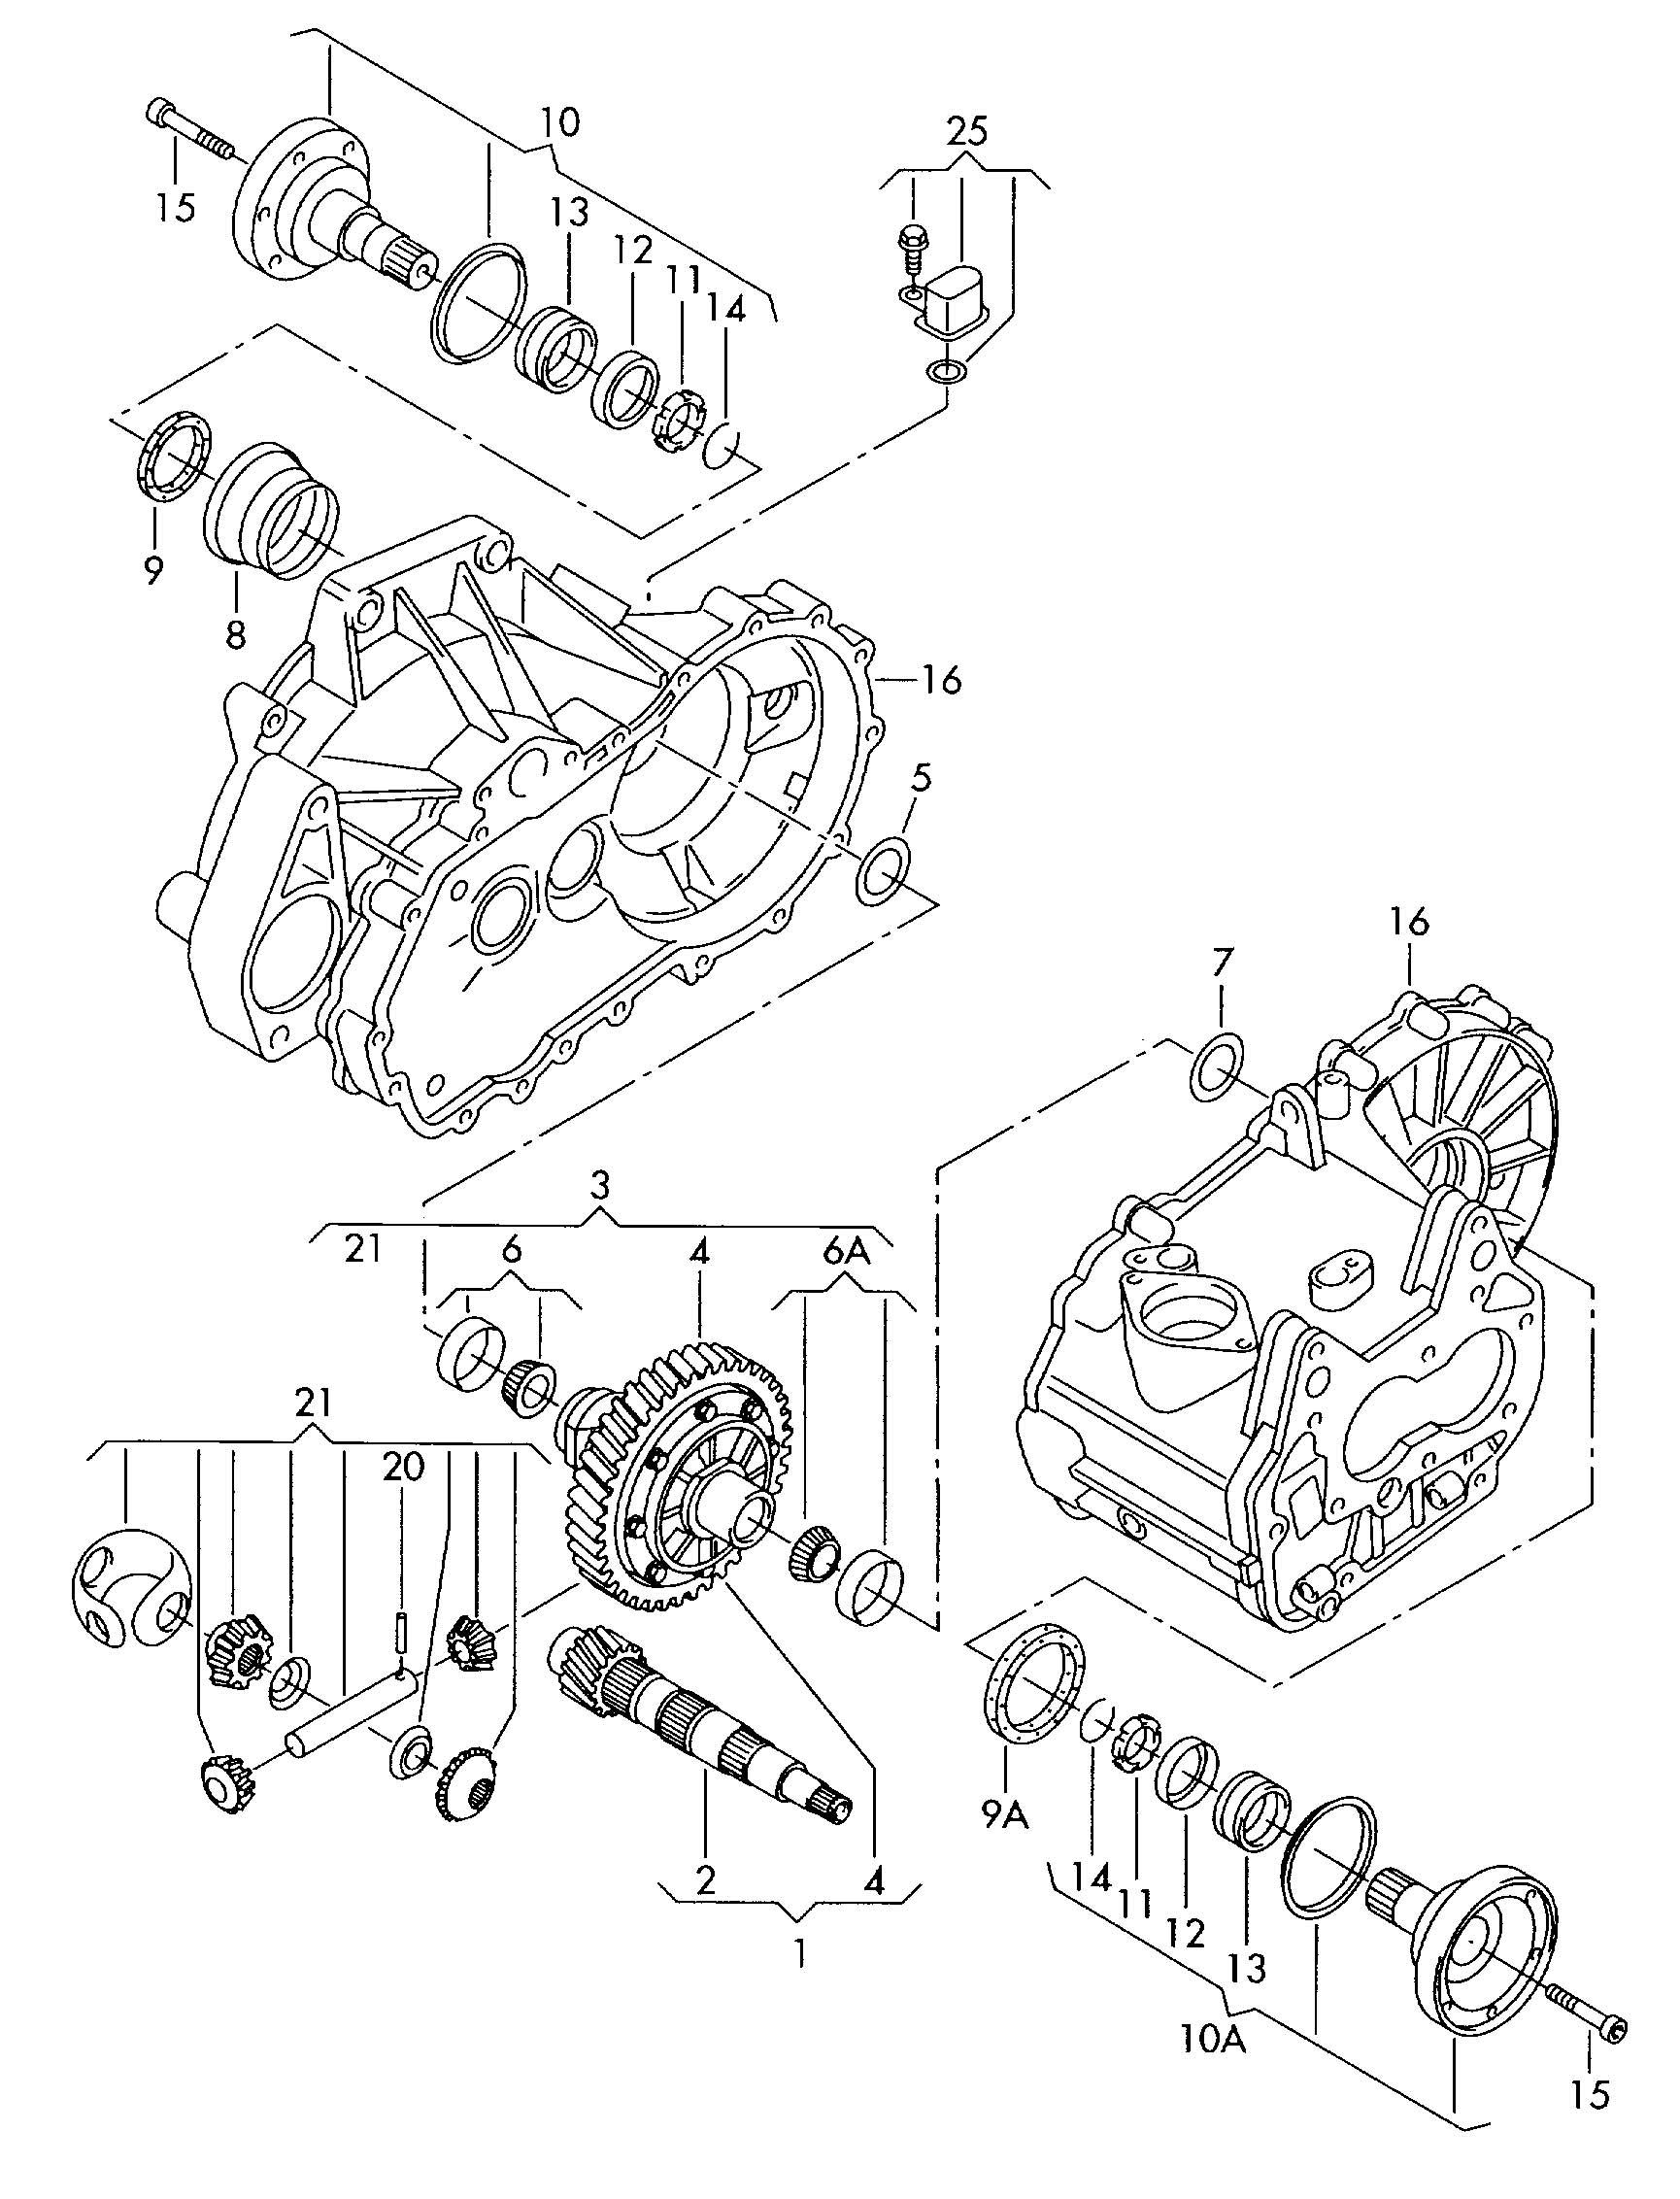 Volkswagen Beetle Wiring Diagram